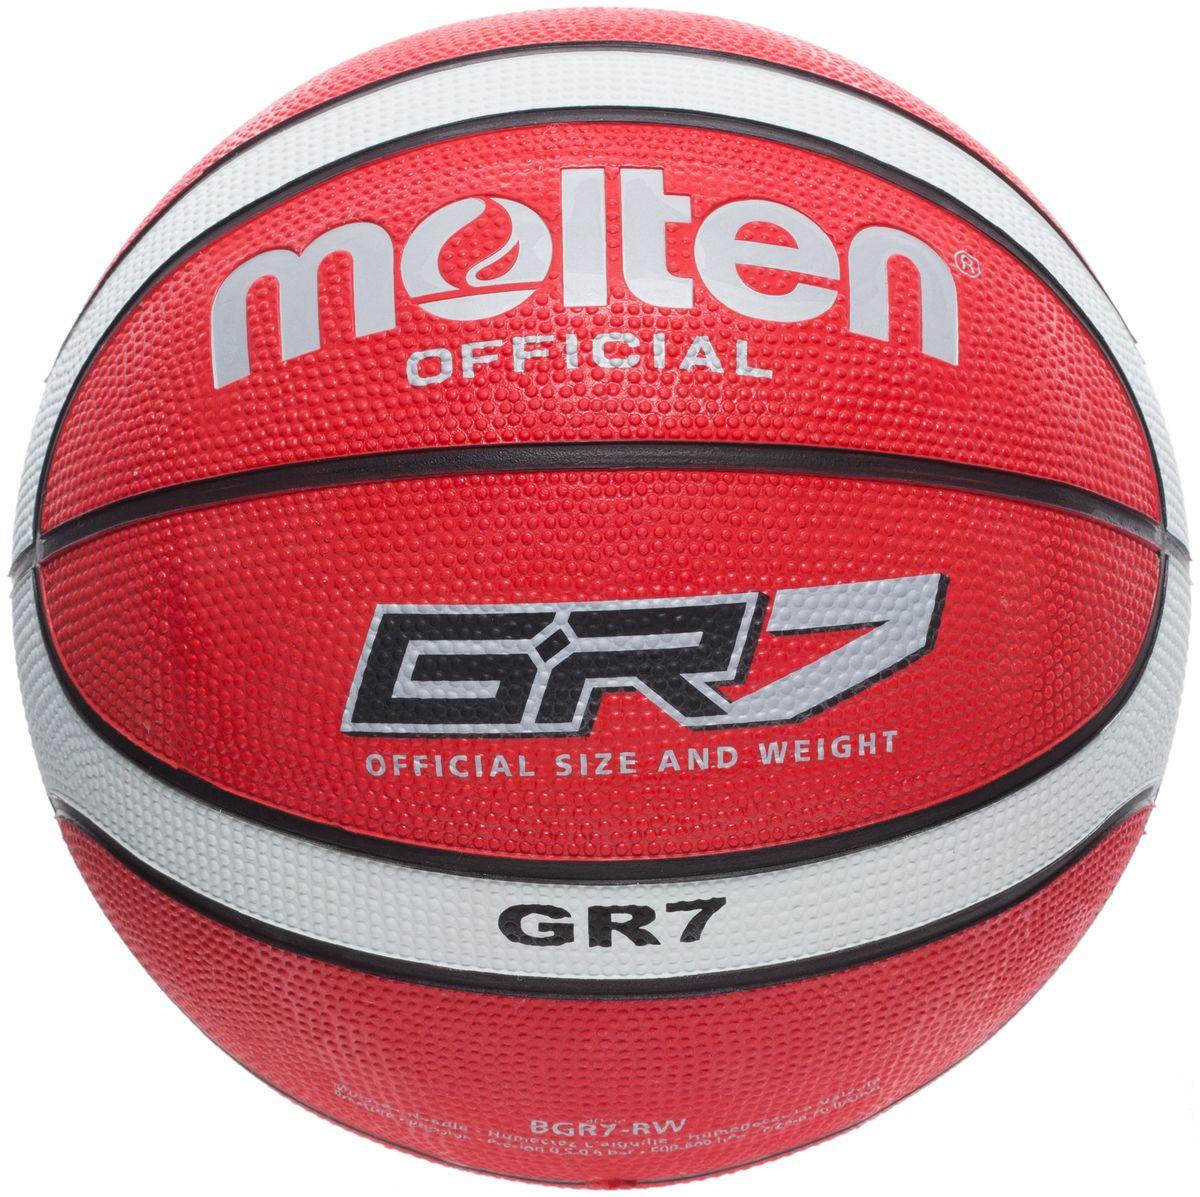 Мяч баскетбольный Molten. Размер 7. BGR7-RWBGR7-RWБаскетбольный мяч Molten предназначен для игр в зале и на улице. Выполнен из износостойкой резины. Имеет нейлоновую обмотку камеры.У мяча клееный тип соединения панелей.